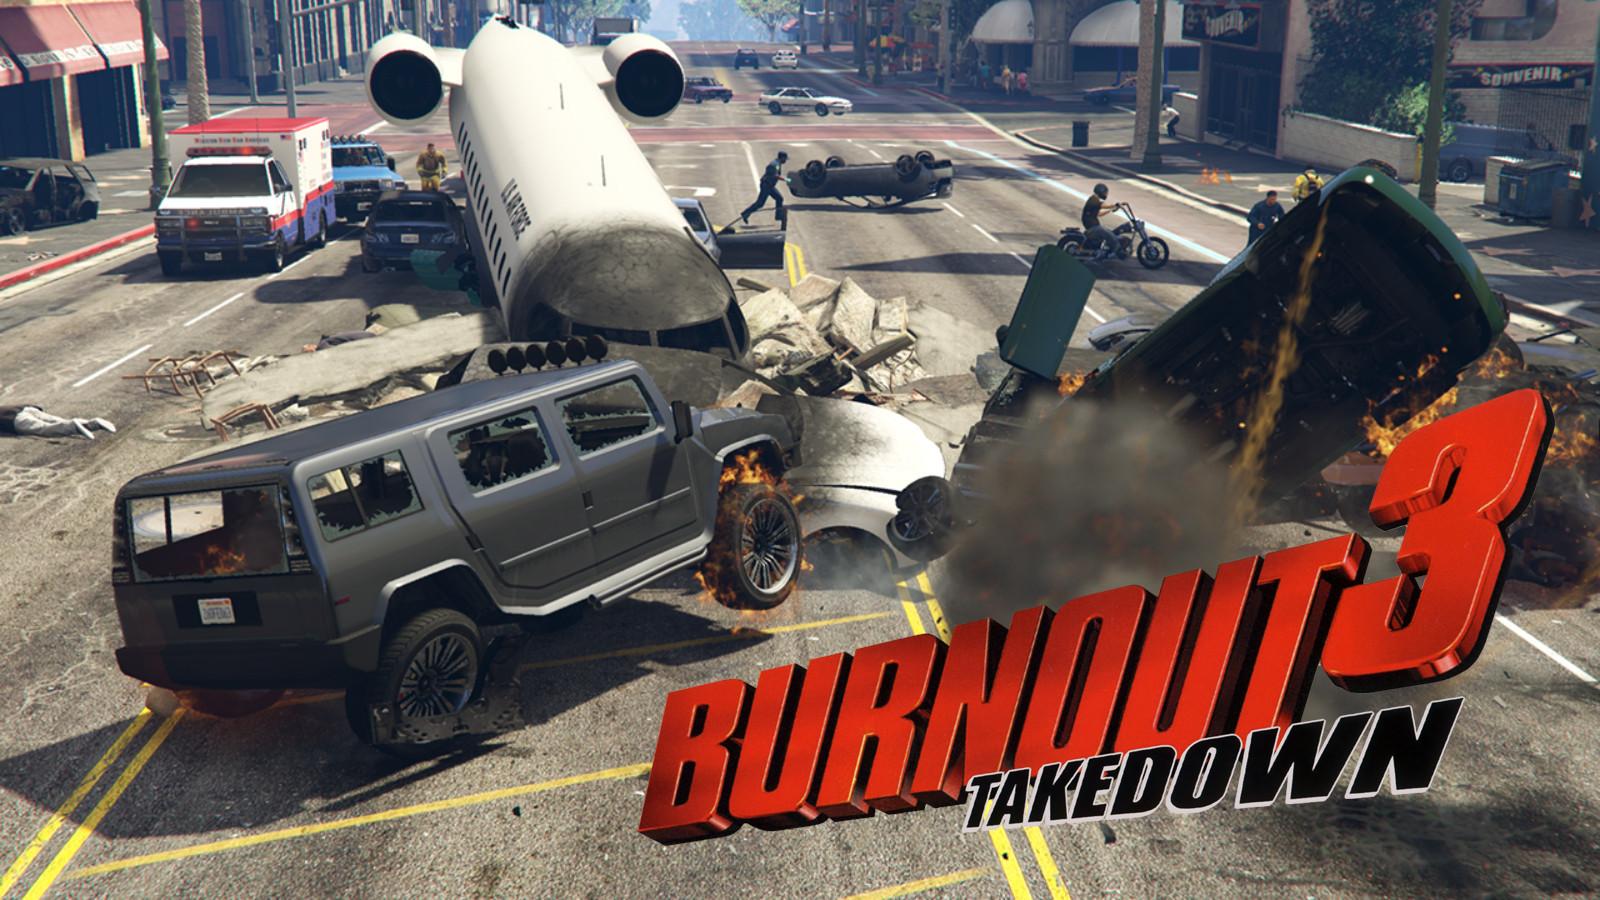 GTA V car crash in burnout 3 takedown